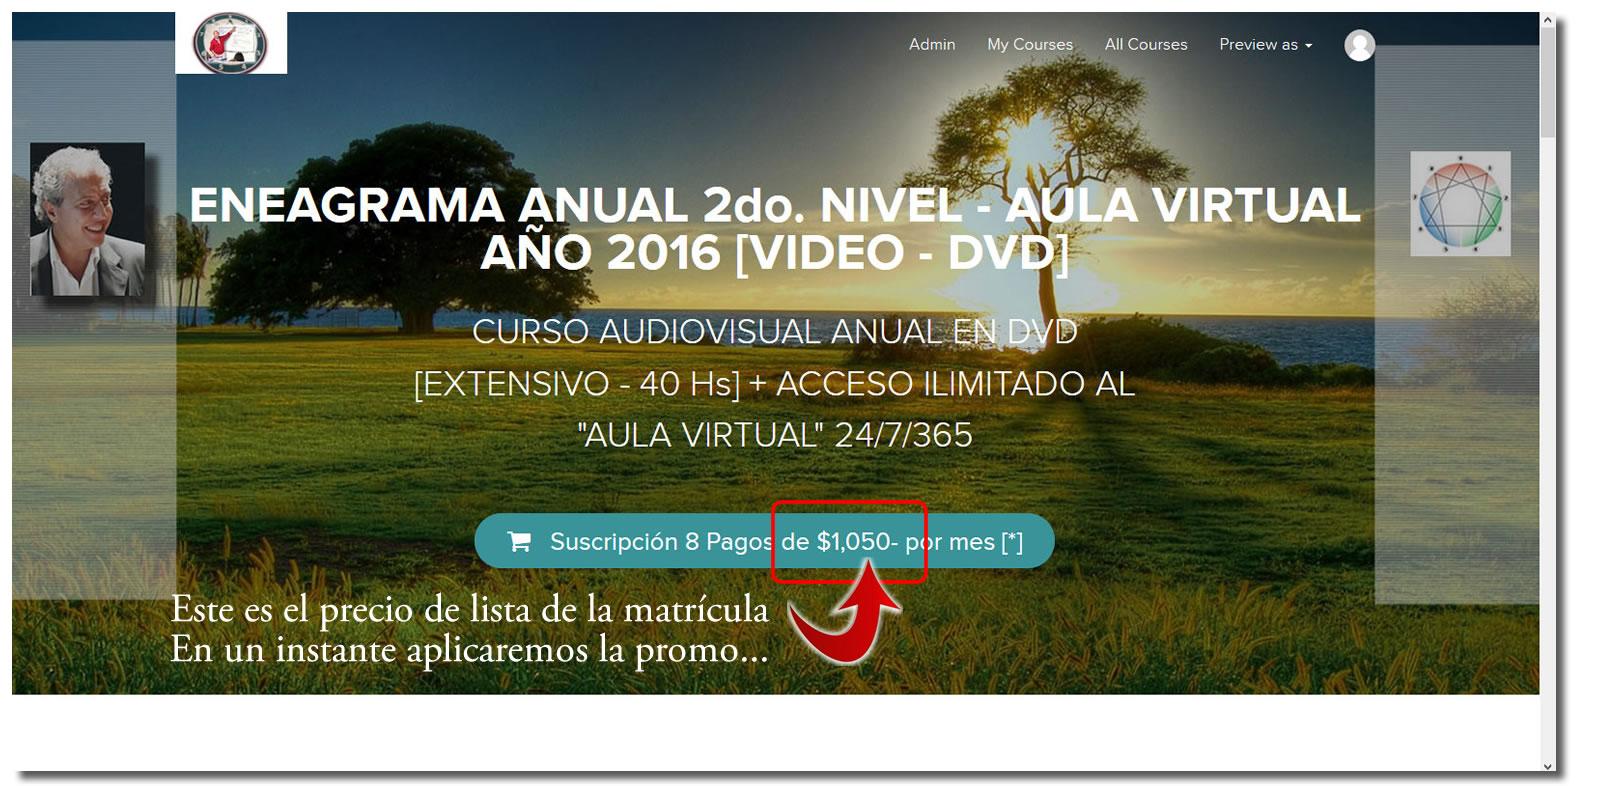 GUIA DE SUSCRIPCION CON CUPON-1 1-Fullscreen capture 8312016 50340 PM